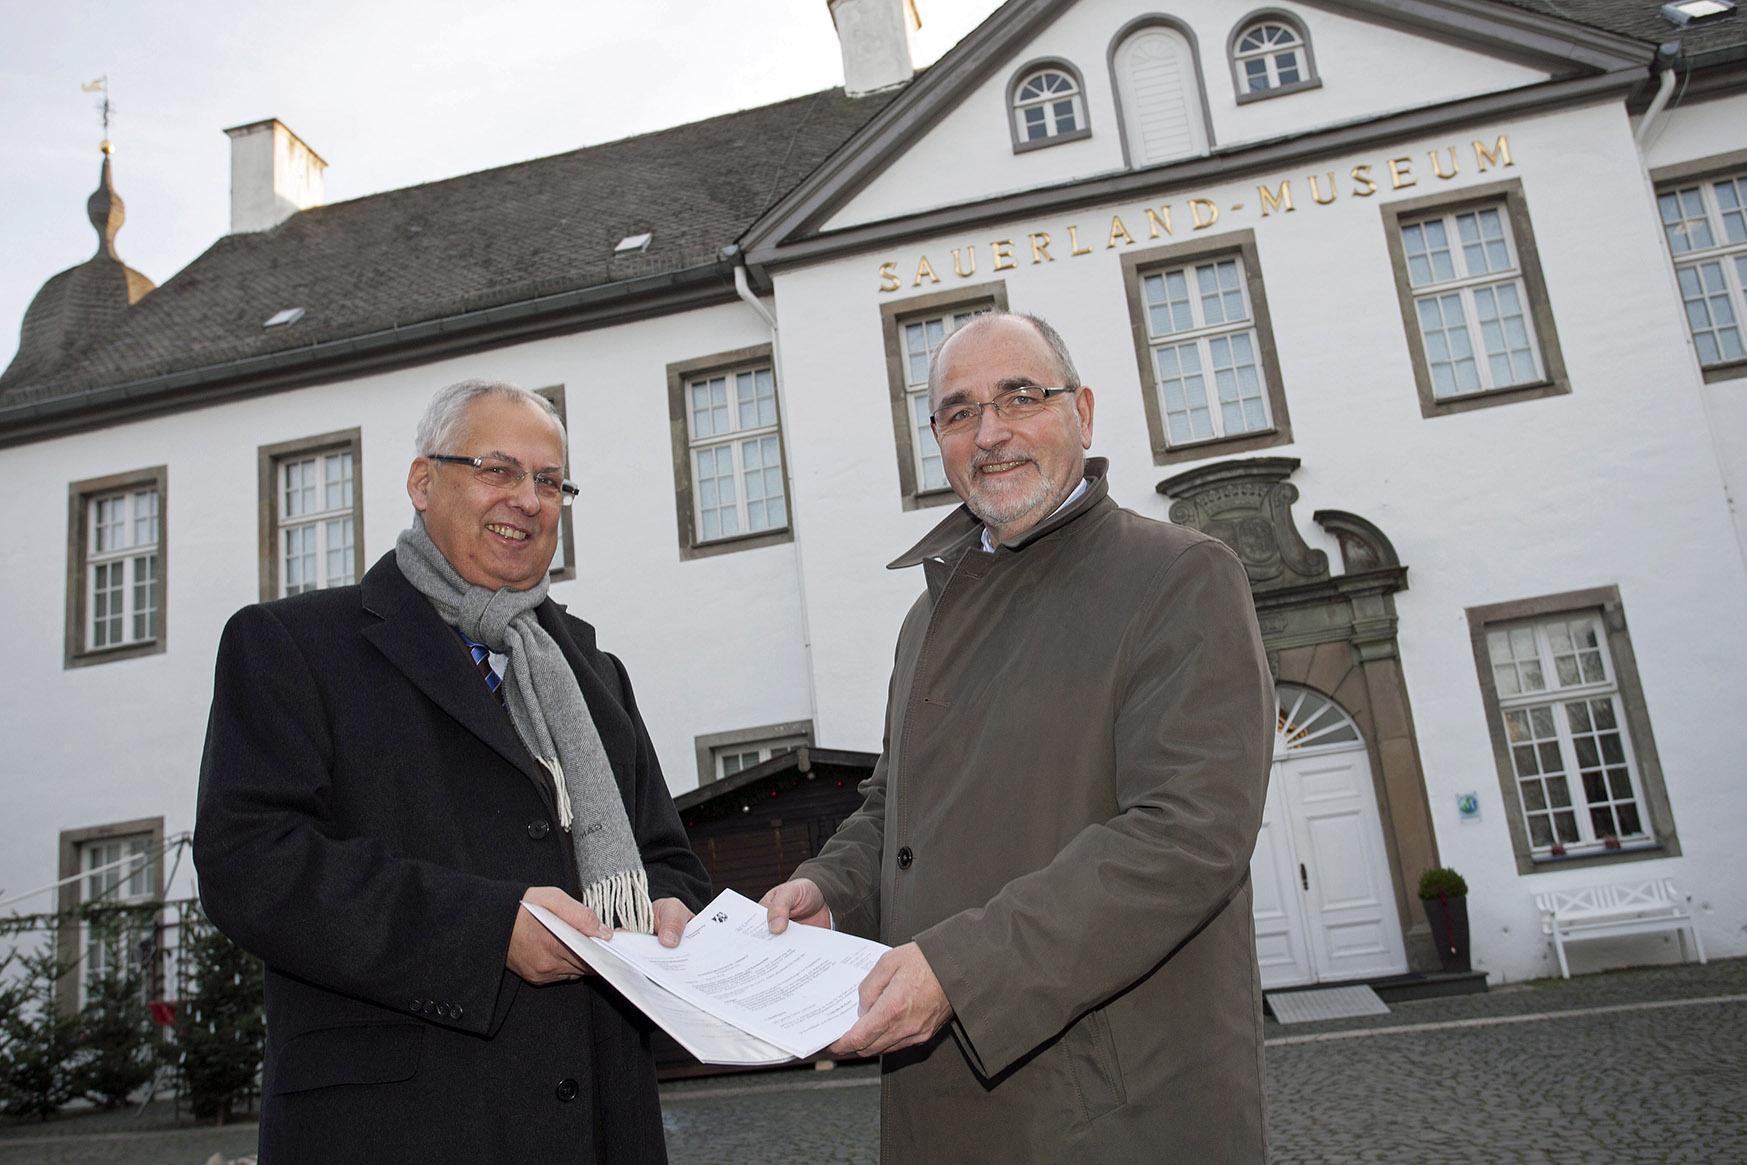 """RP Dr. Gerd Bollermann (r.) übergibt gleich zwei millionenschwere Förderbescheide für das Regionale-Projekt """"Museums- und Kulturforum Südwestfalen"""" an HSK-Landrat Dr. Karl Schneider. (Foto: Bezirksregierung)"""